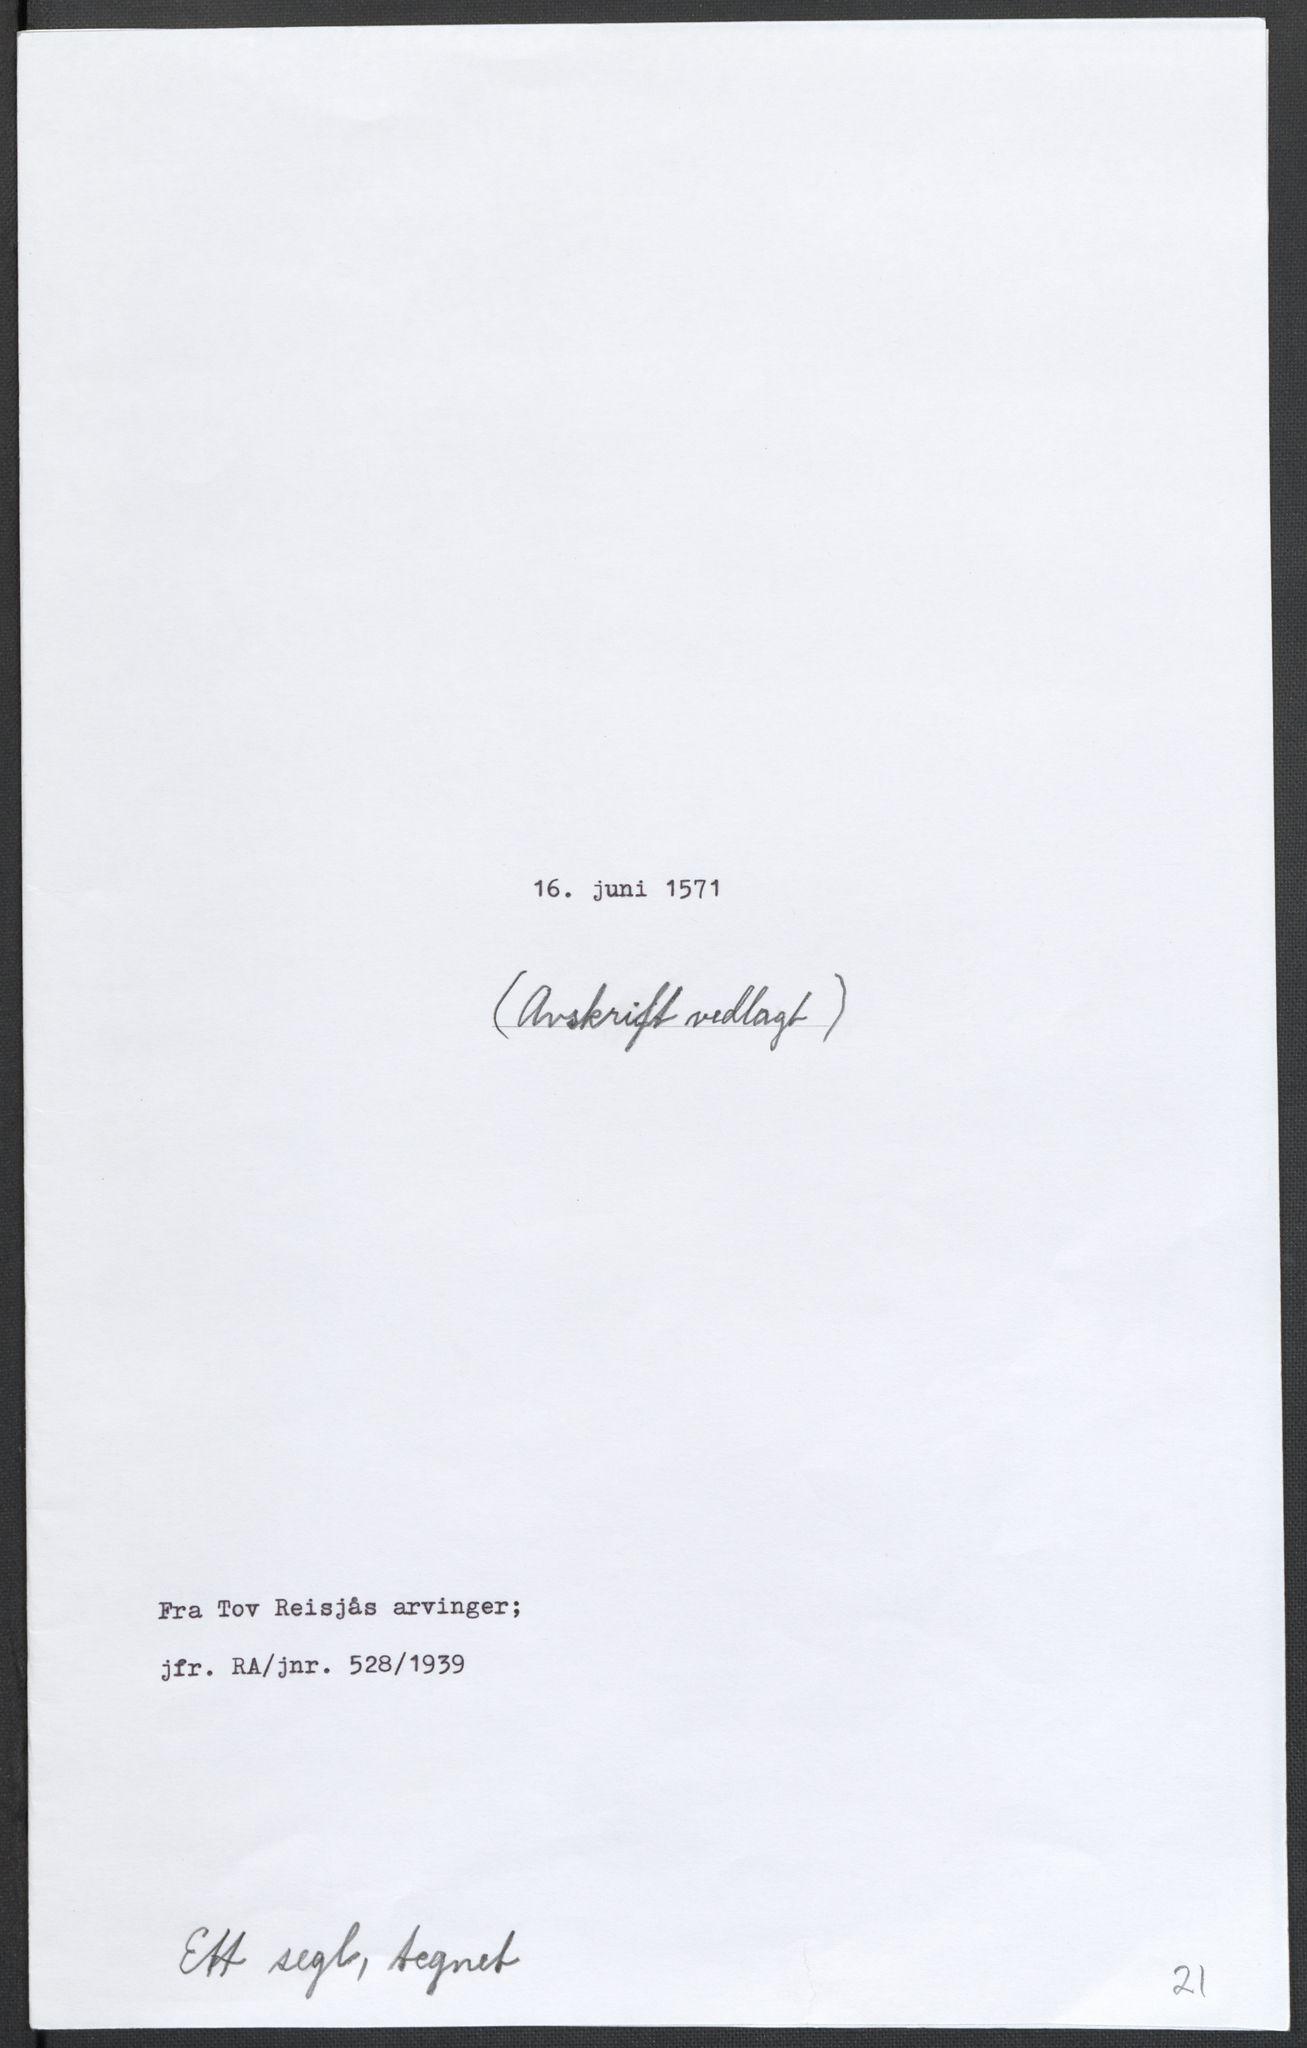 RA, Riksarkivets diplomsamling, F02/L0075: Dokumenter, 1570-1571, s. 59